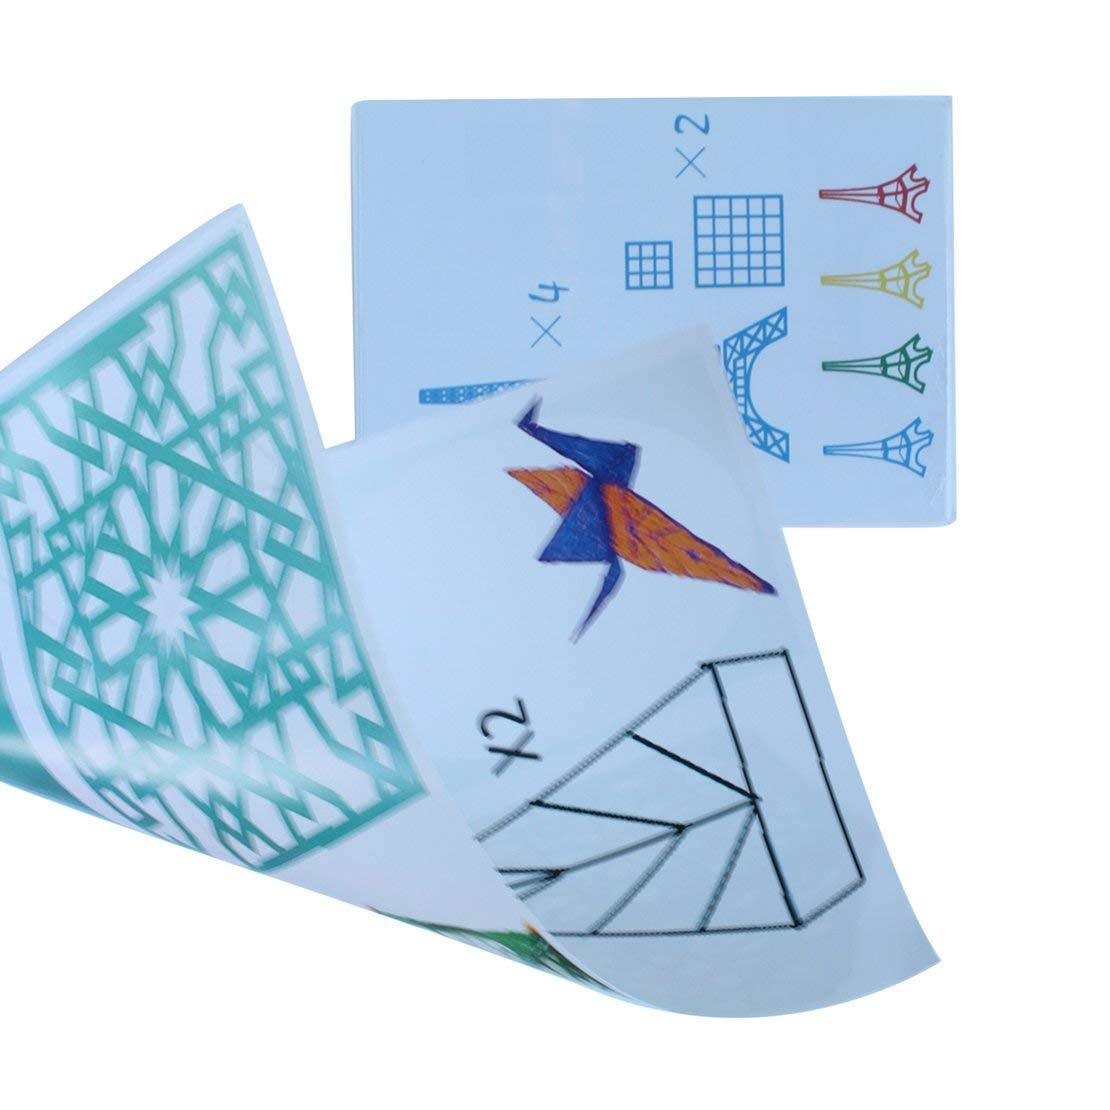 Sanzhileg A4 Taille Enfants Dessin 3D Copie Plaque de Papier Moule pour limpression 3D Stylo Dessin pochoirs et Doodle XP Cadeau pour Les Enfants